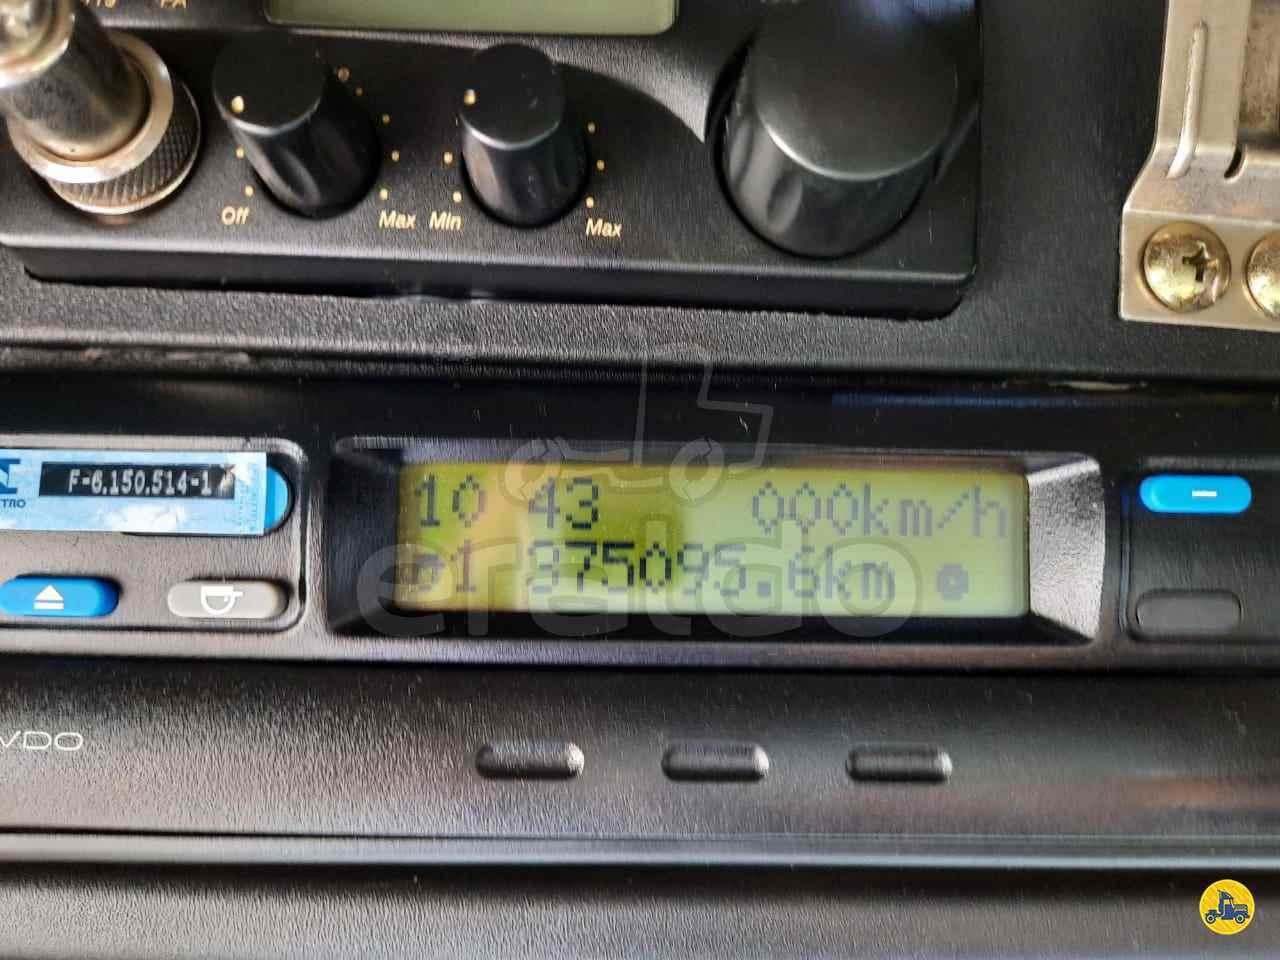 DAF DAF XF105 510 375000km 2019/2019 Eraldo Caminhões